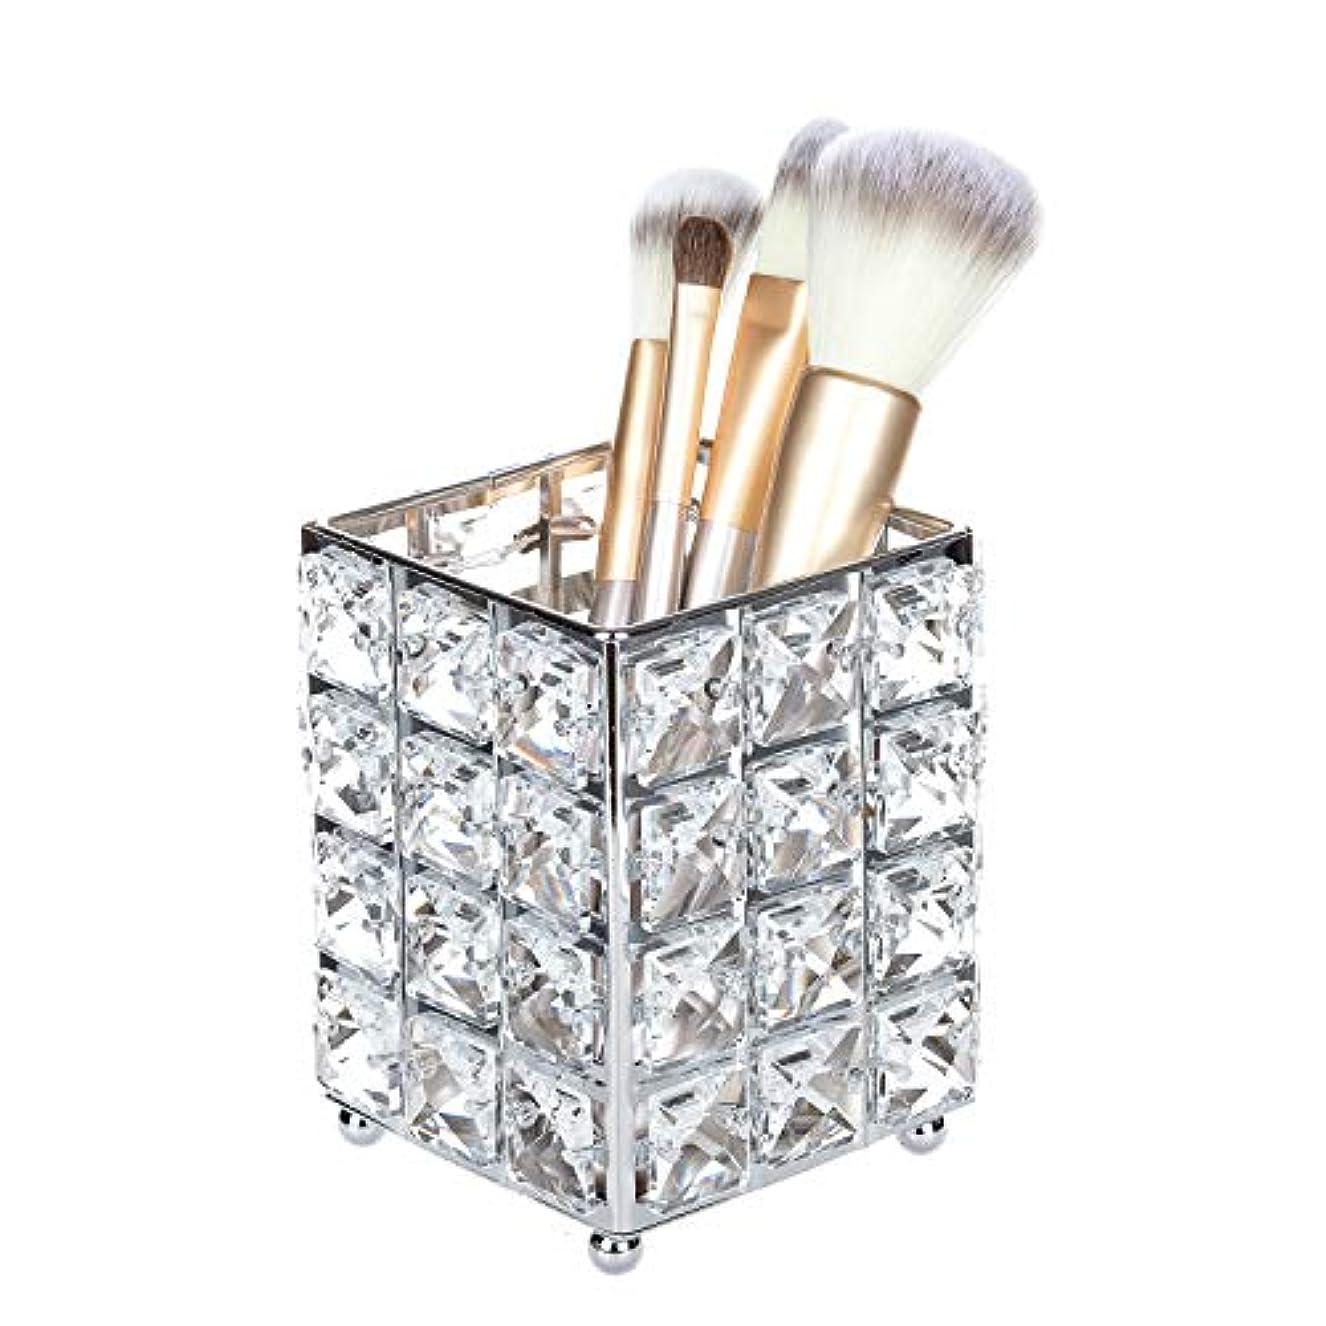 位置するいま人間Feyarl メイクブラシケース ブラシスタンド 化粧ブラシホルダー 化粧ブラシ収納 ブラシ入れ 小物収納 方形 シルバー